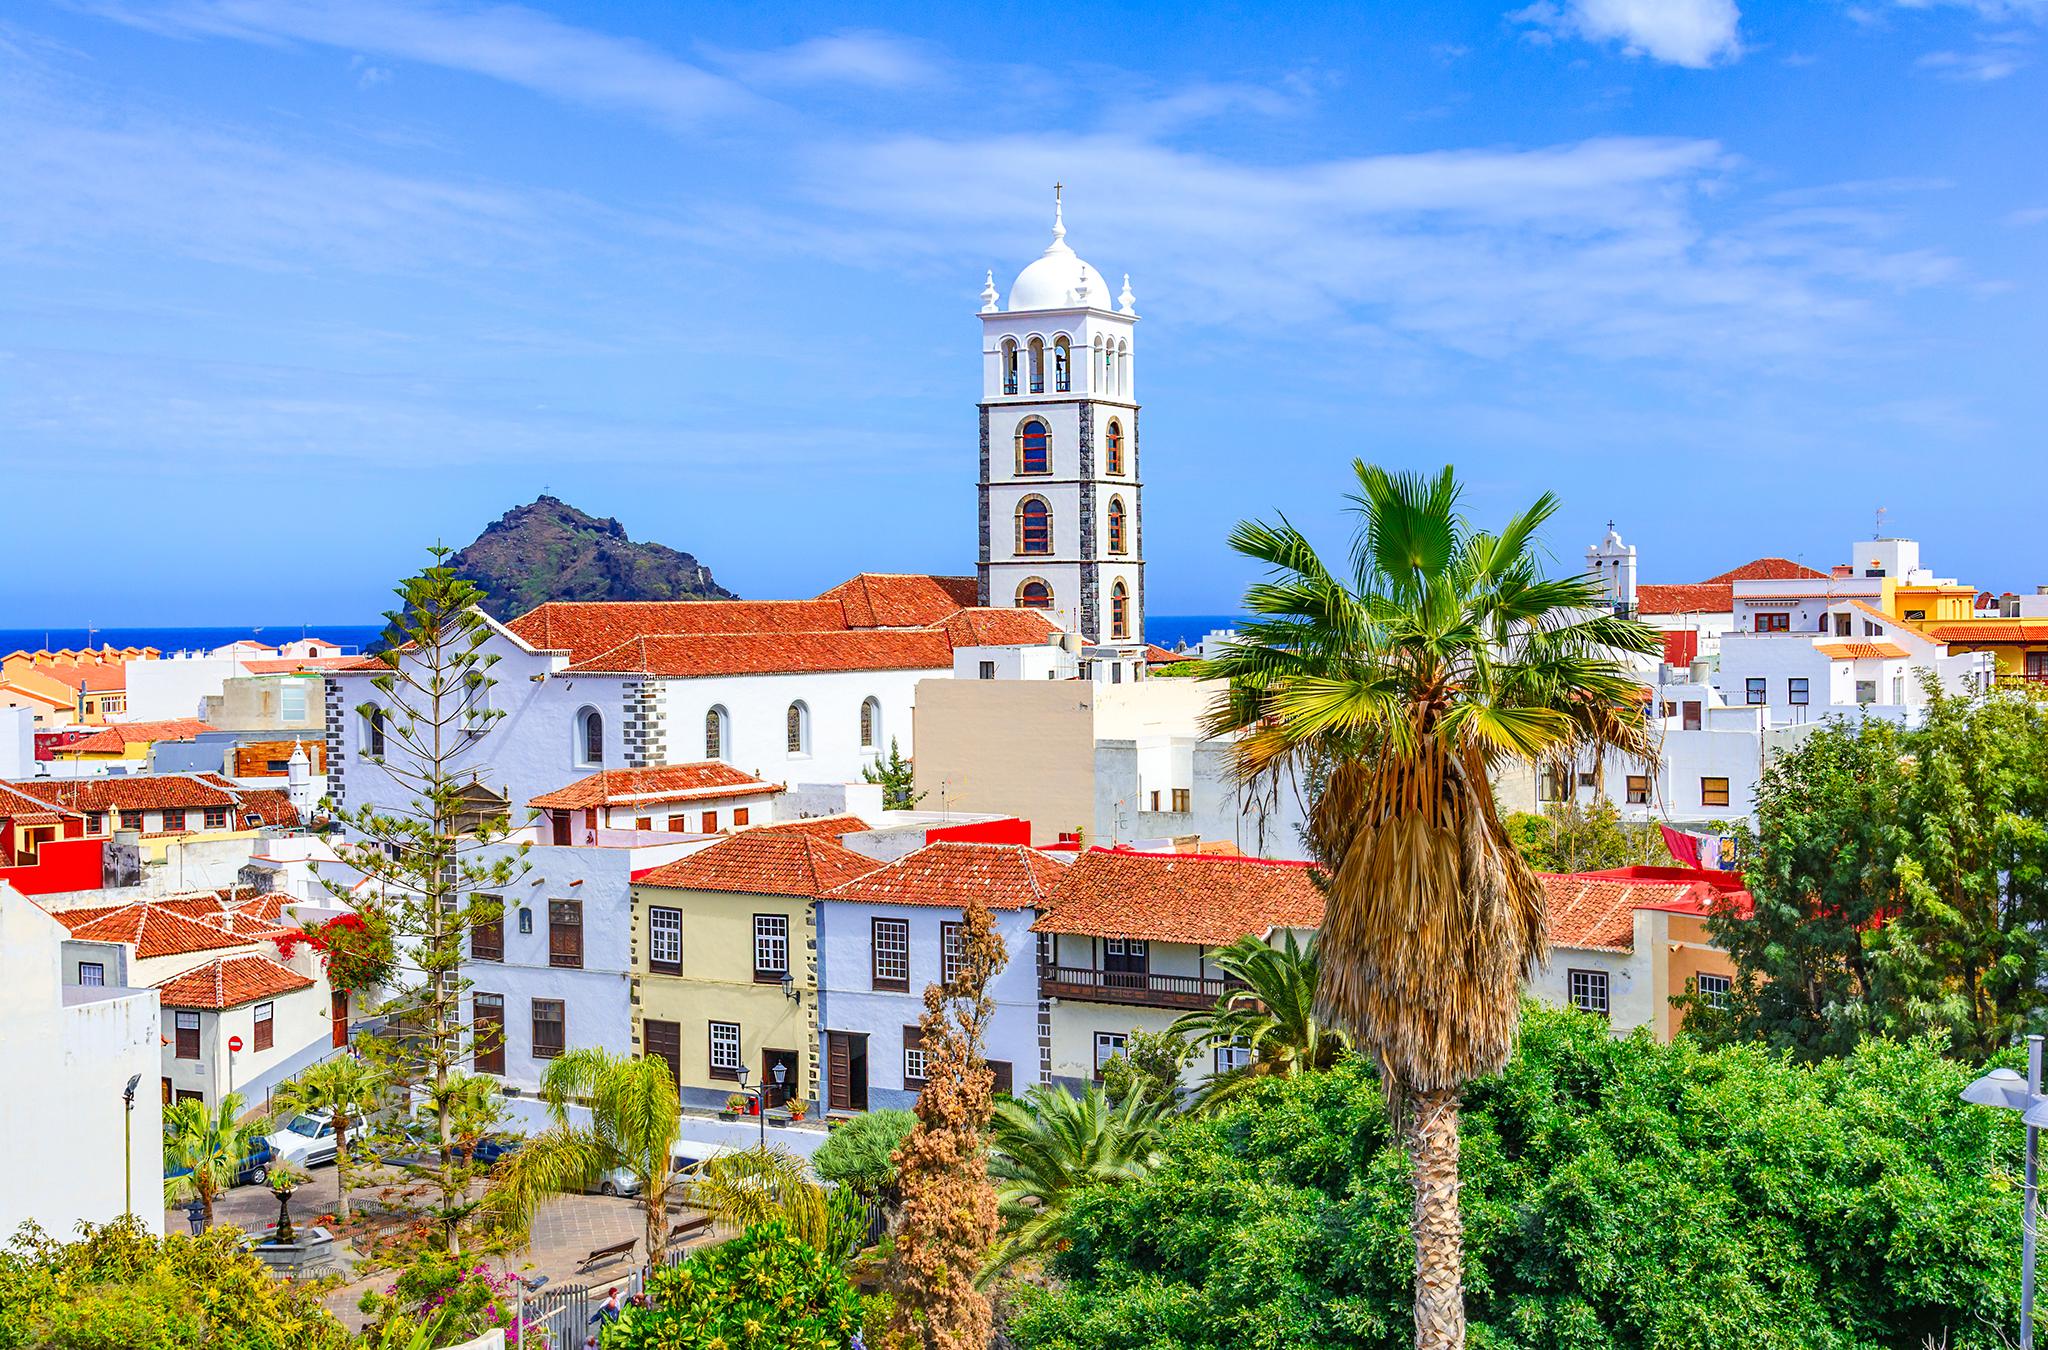 Qué ver en Tenerife - Garachico | Foto:  Ionut David | Dreamstime.com